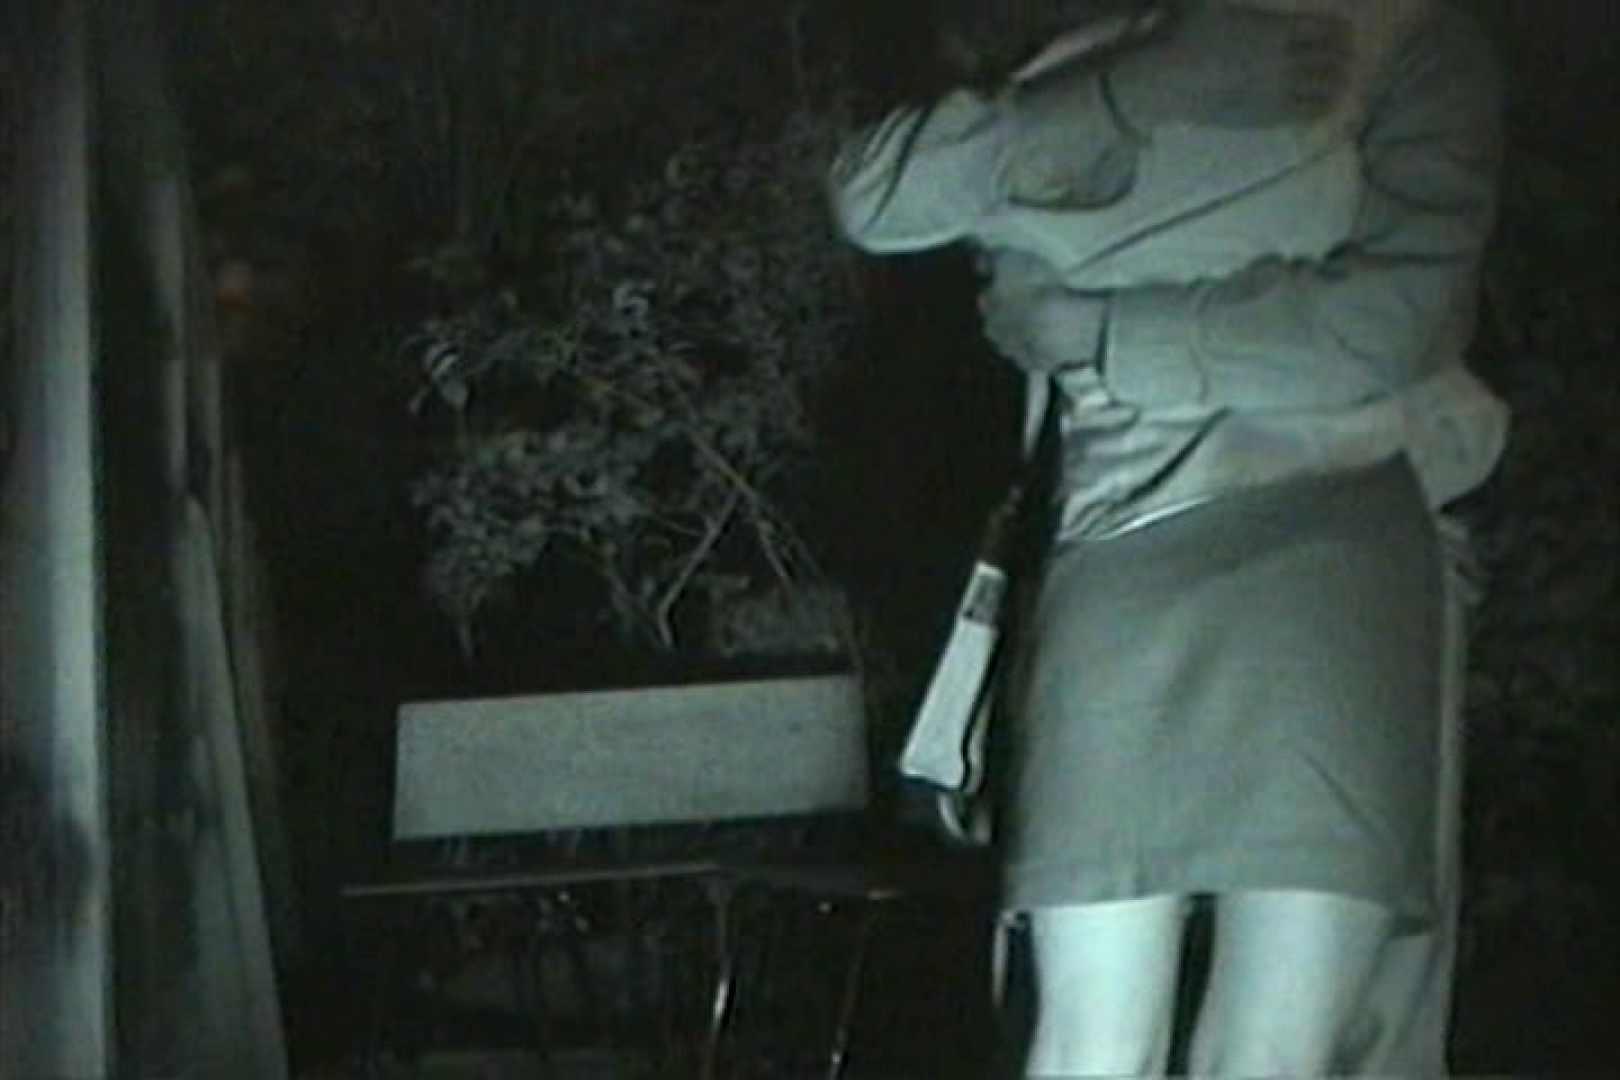 闇の仕掛け人 無修正版 Vol.24 ラブホテル | カップル盗撮  55画像 31